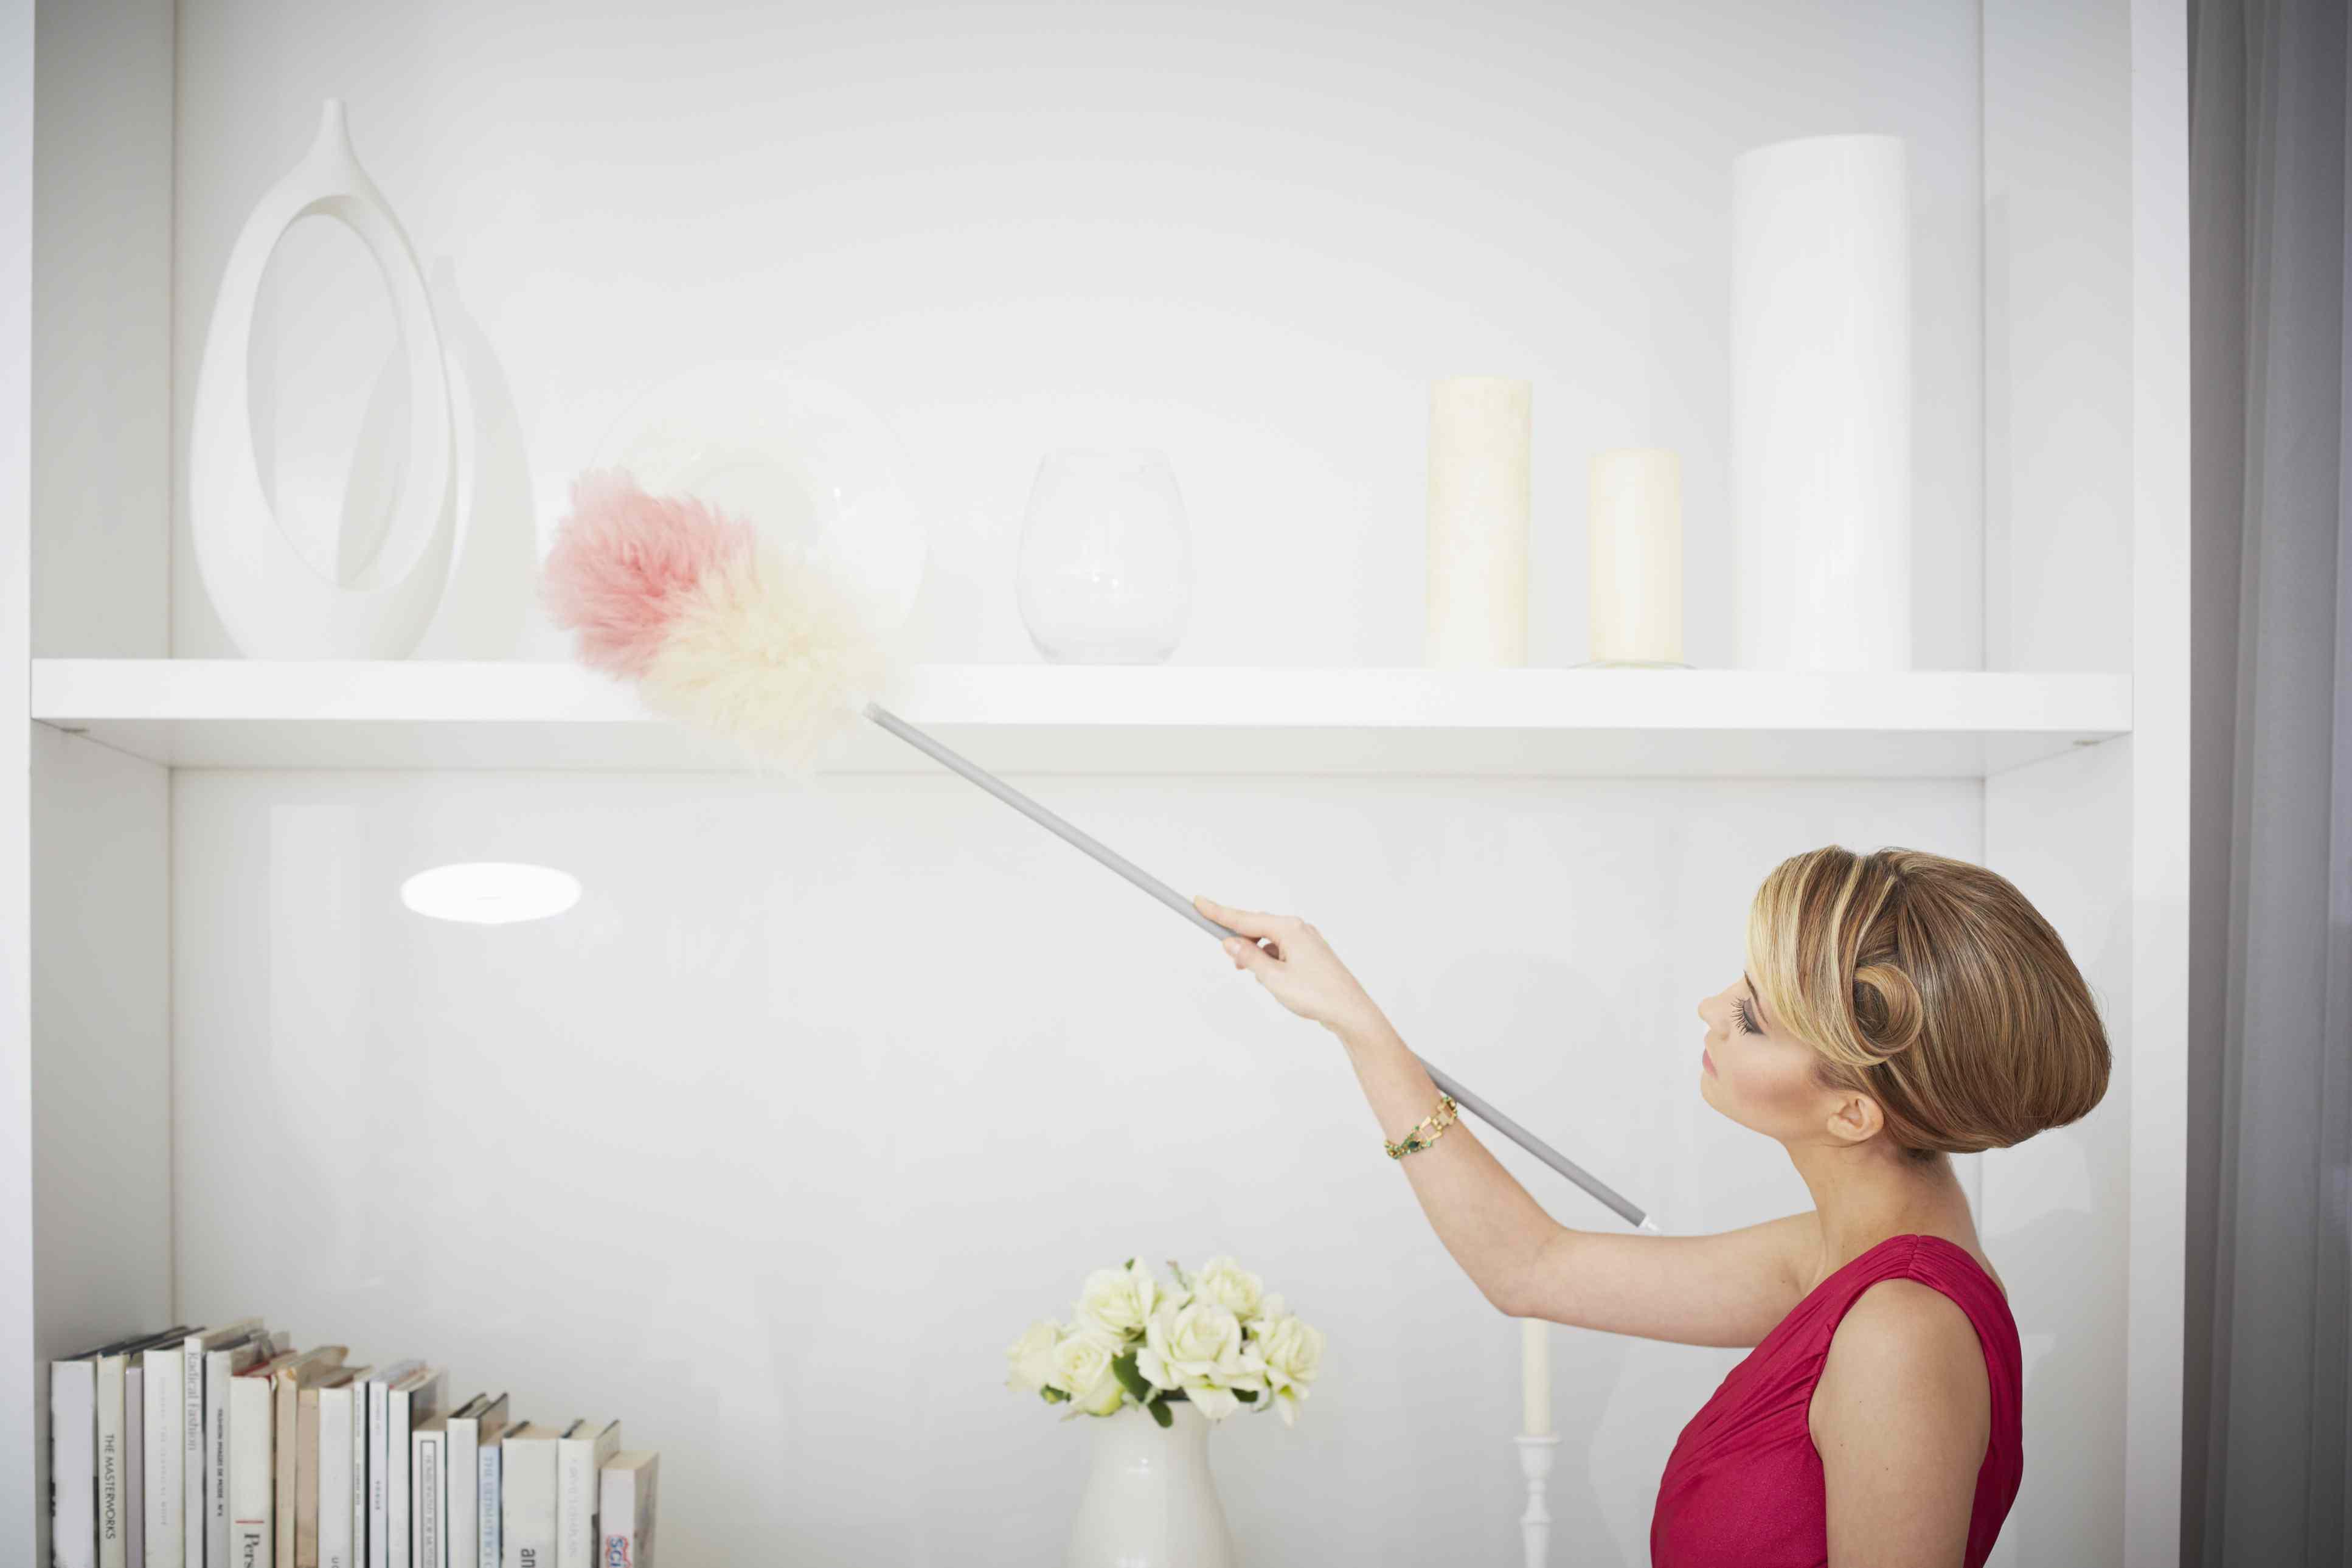 woman Dusting a high shelf